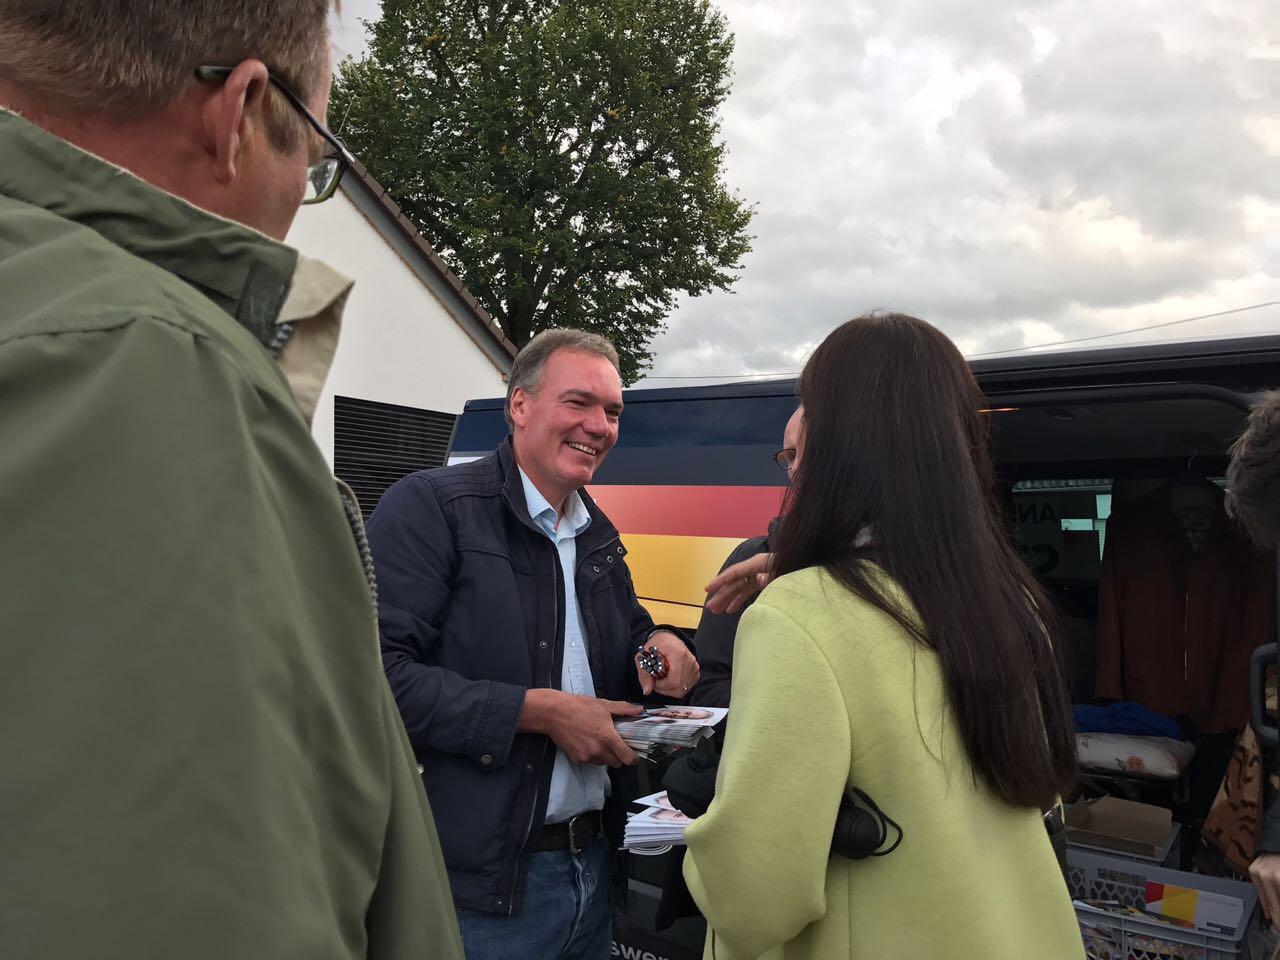 Wahlkampf bei der CDU für die Bundestagswahl